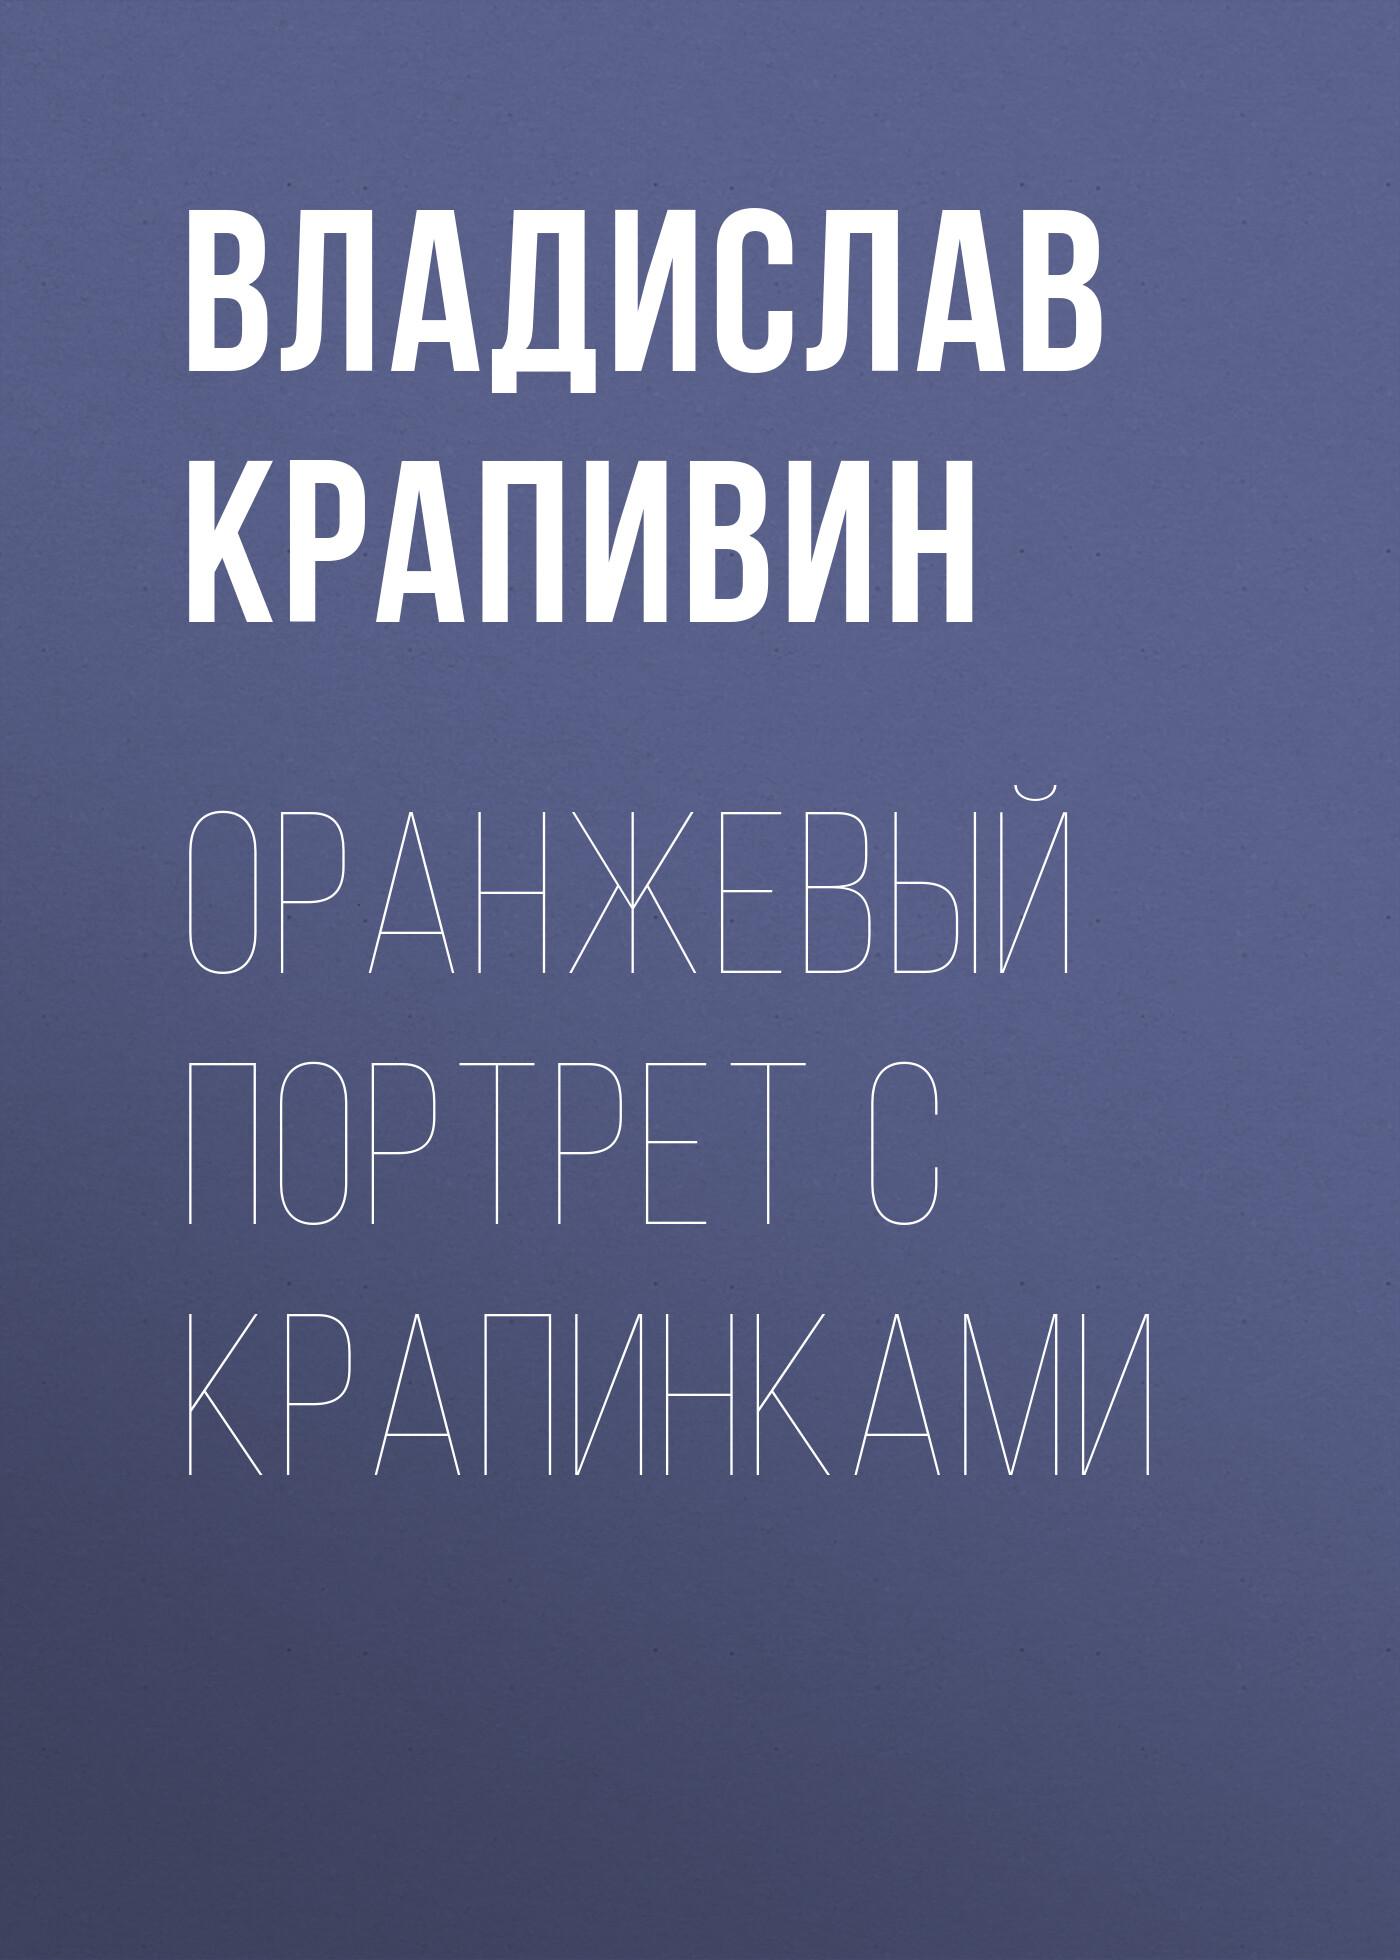 Владислав Крапивин Оранжевый портрет с крапинками miles davis miles davis agharta 2 lp 180 gr